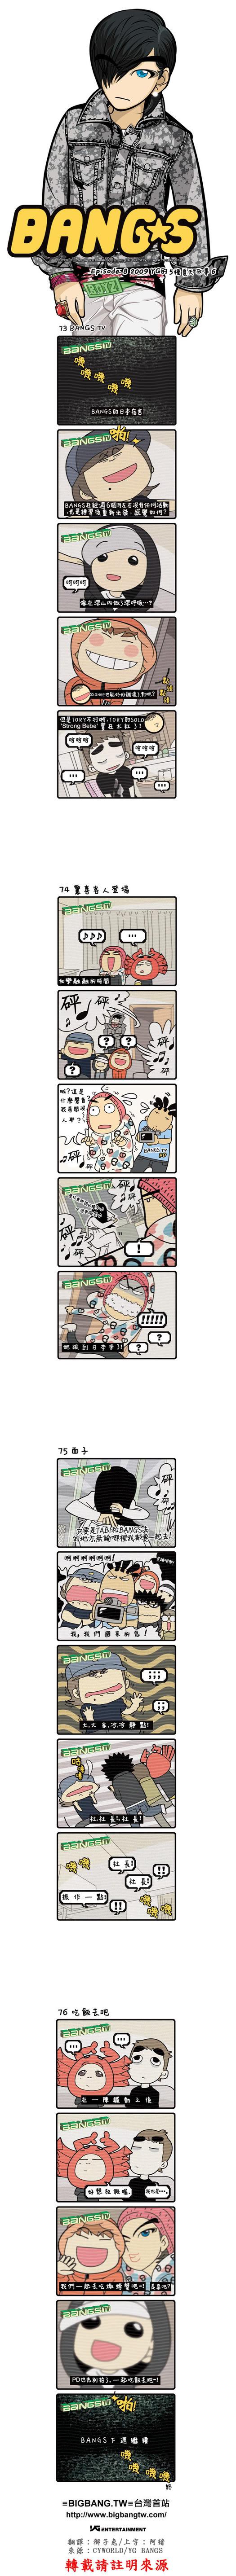 中譯 20090916_Episode 8_2009 YG的五種夏天 073_076.jpg